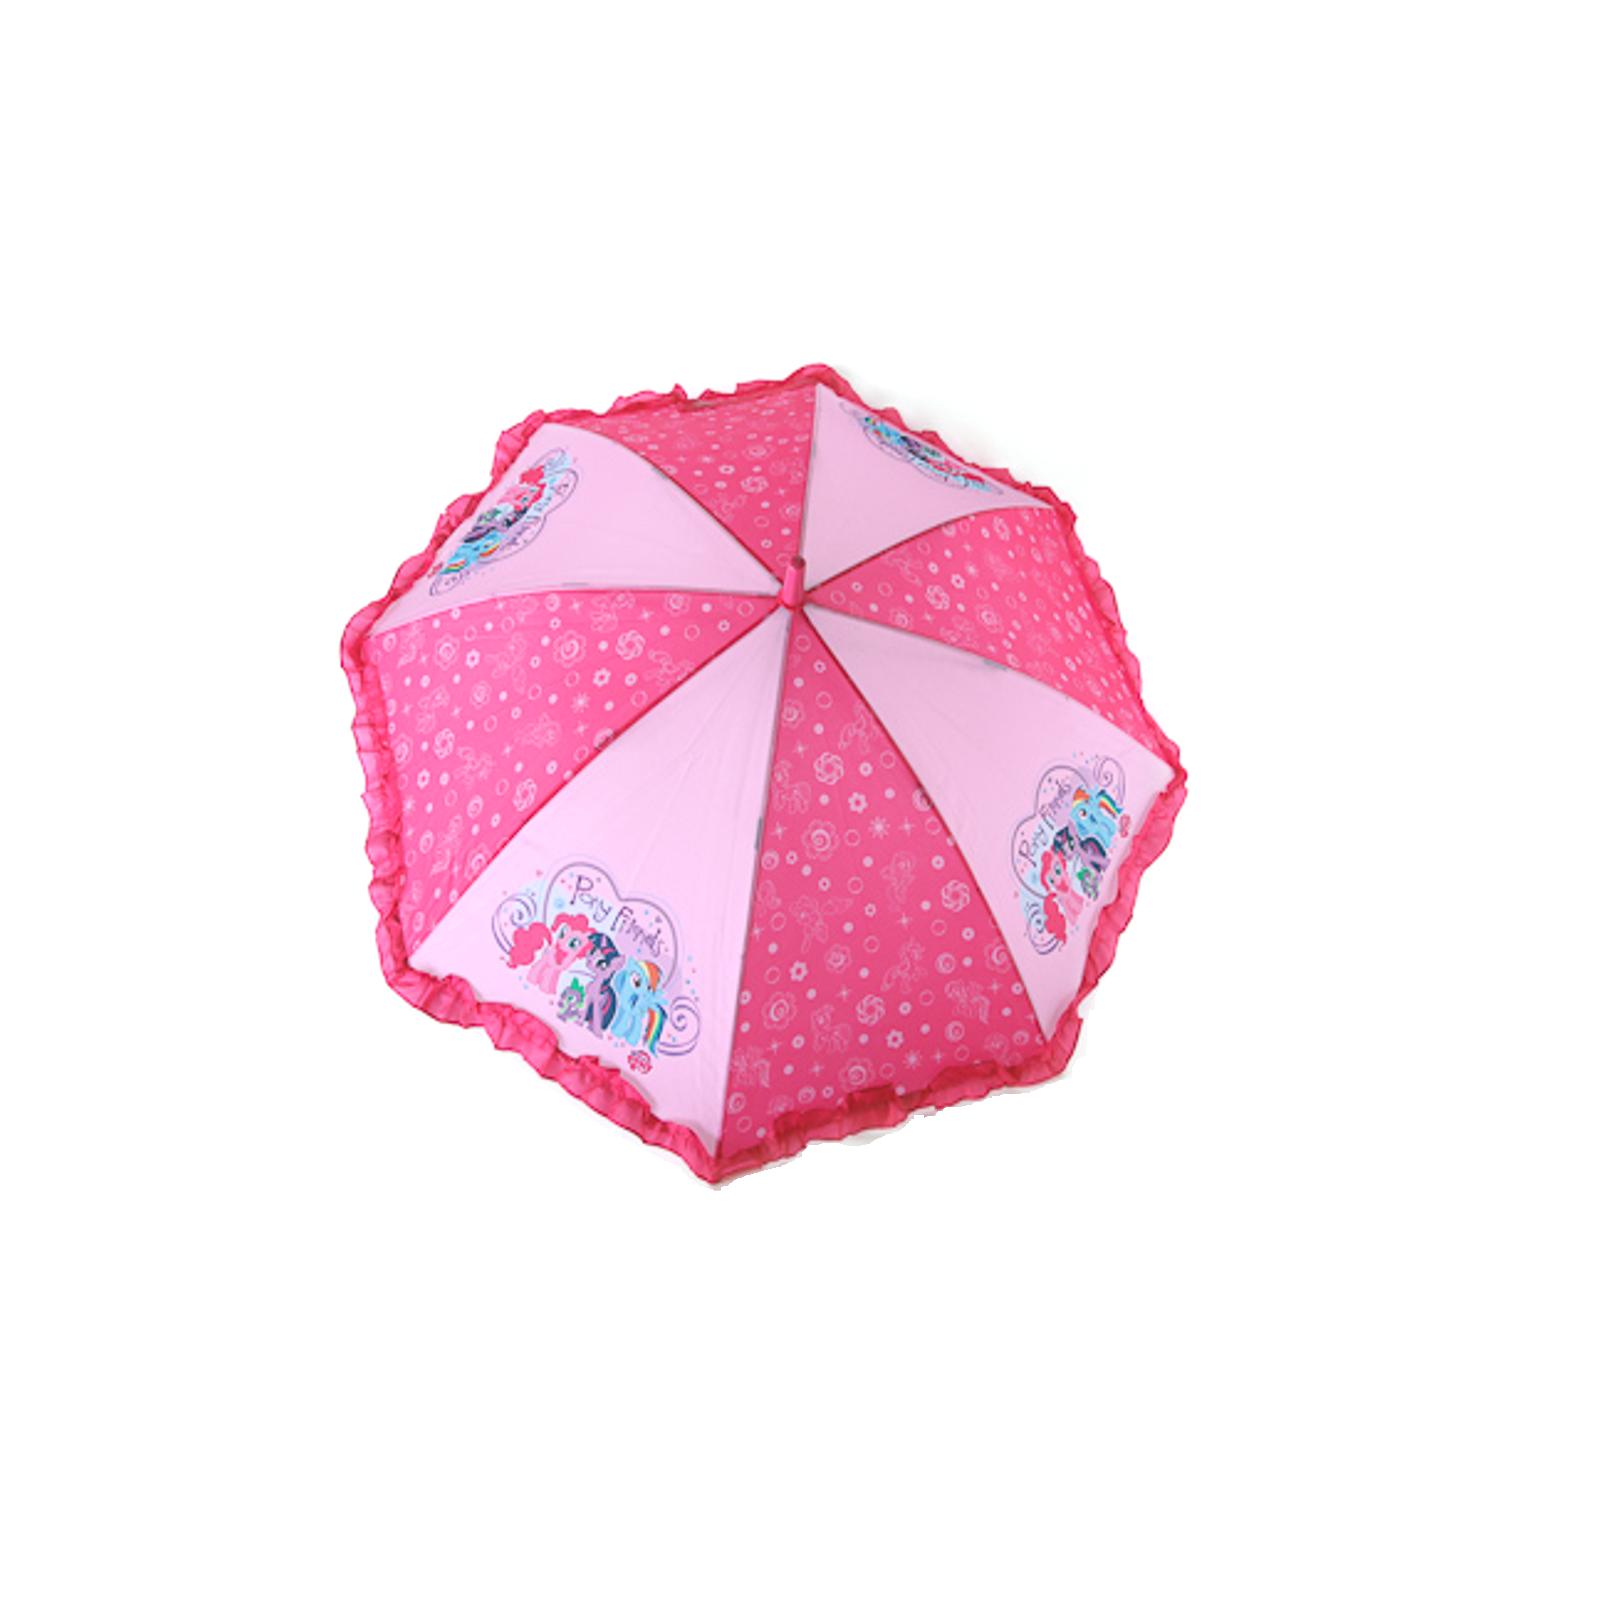 Зонт My Little Pony Розовый с оборкой 18 см. от Младенец.ru